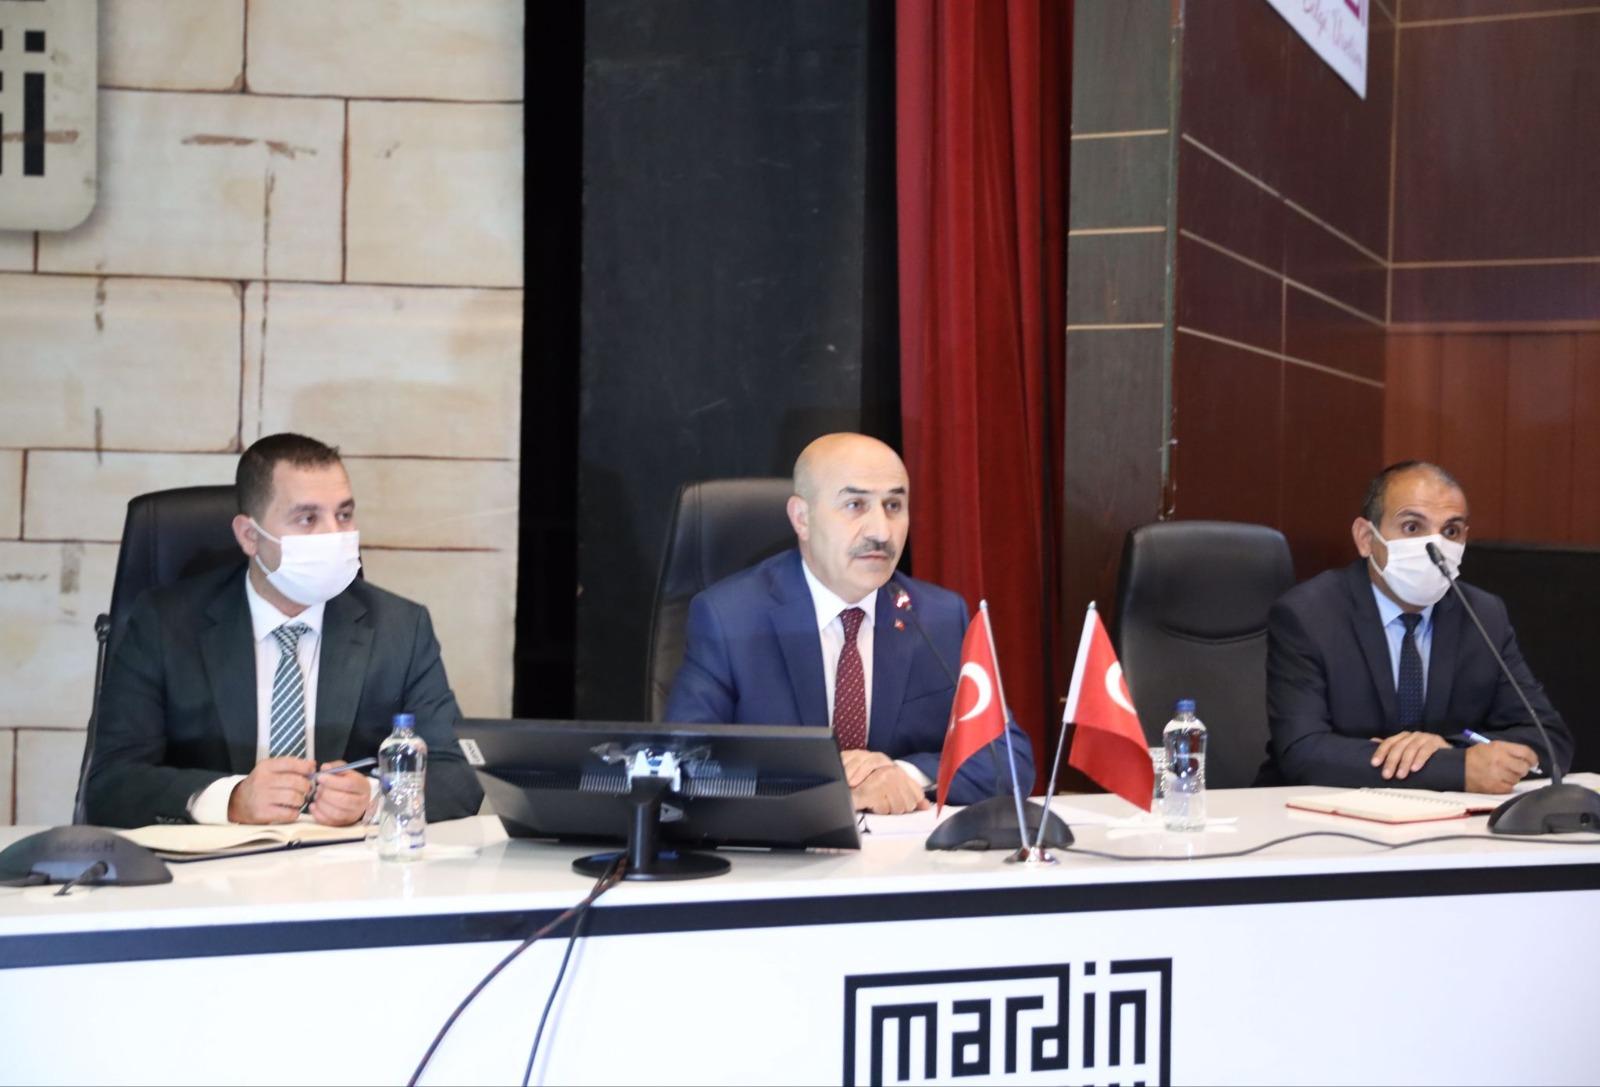 Mardin'de 13 milyar 106 milyonluk 518 proje yürütülüyor